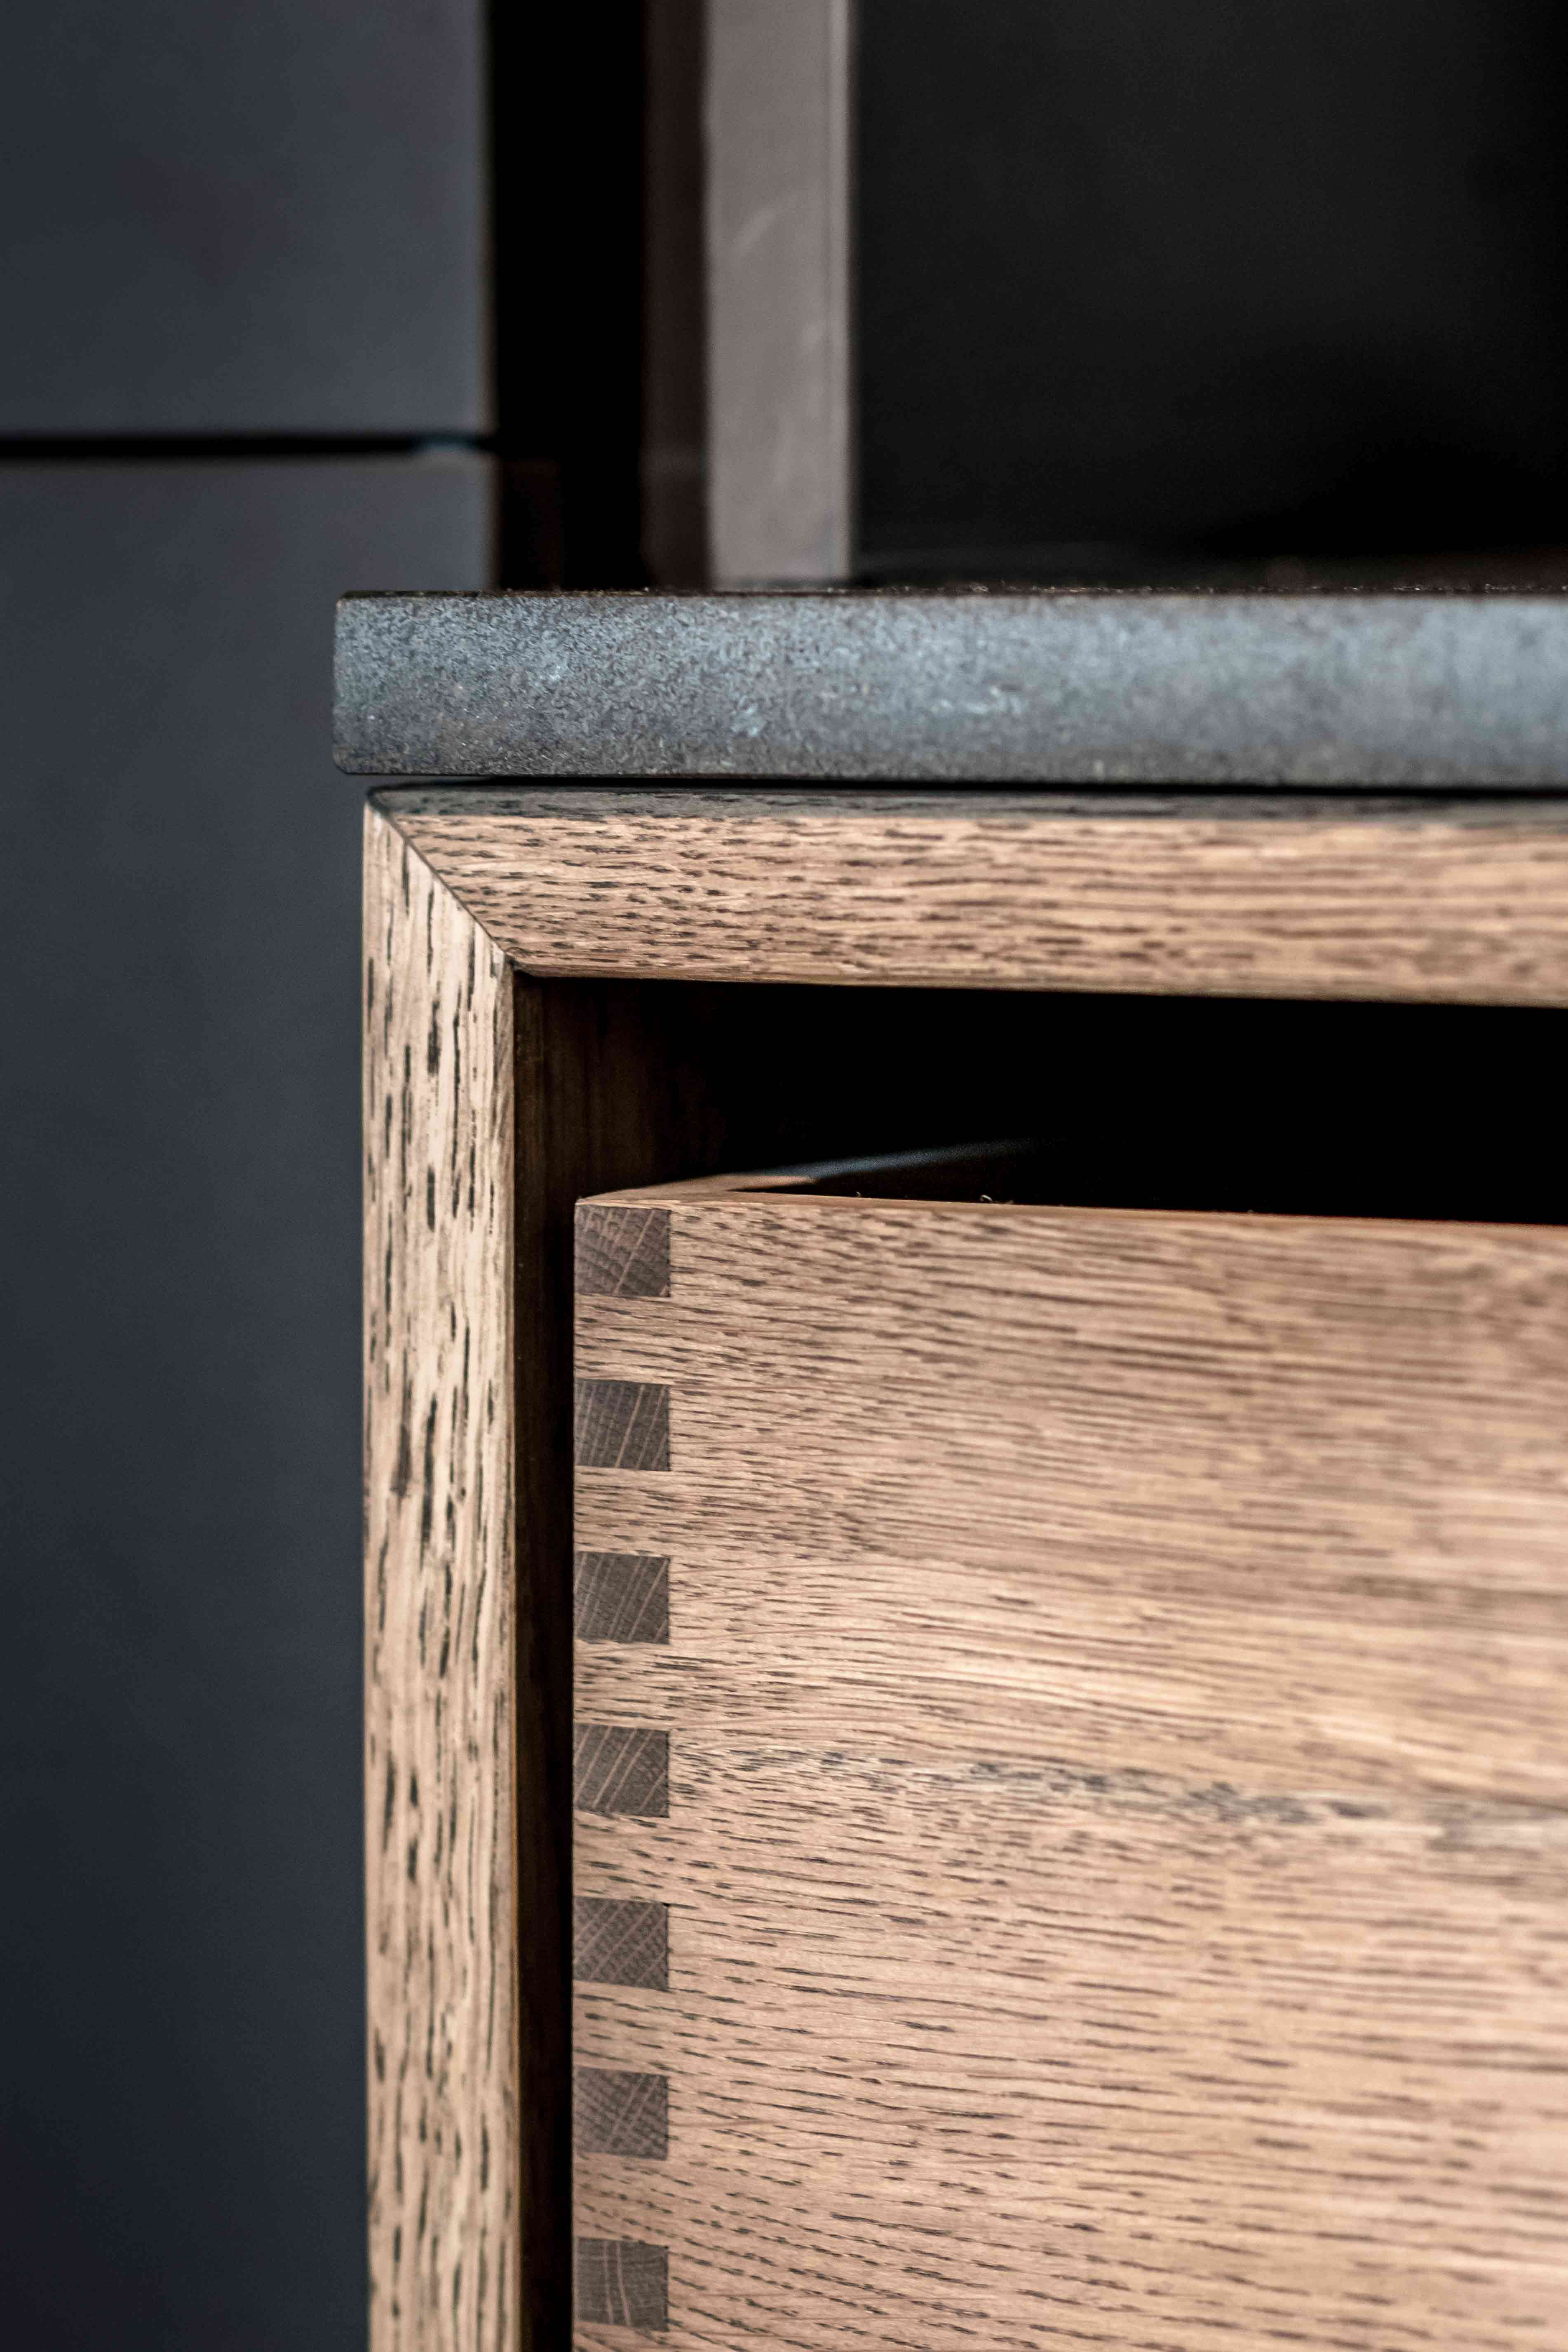 Bordplade og skuffe i unikt og stilfuldt design